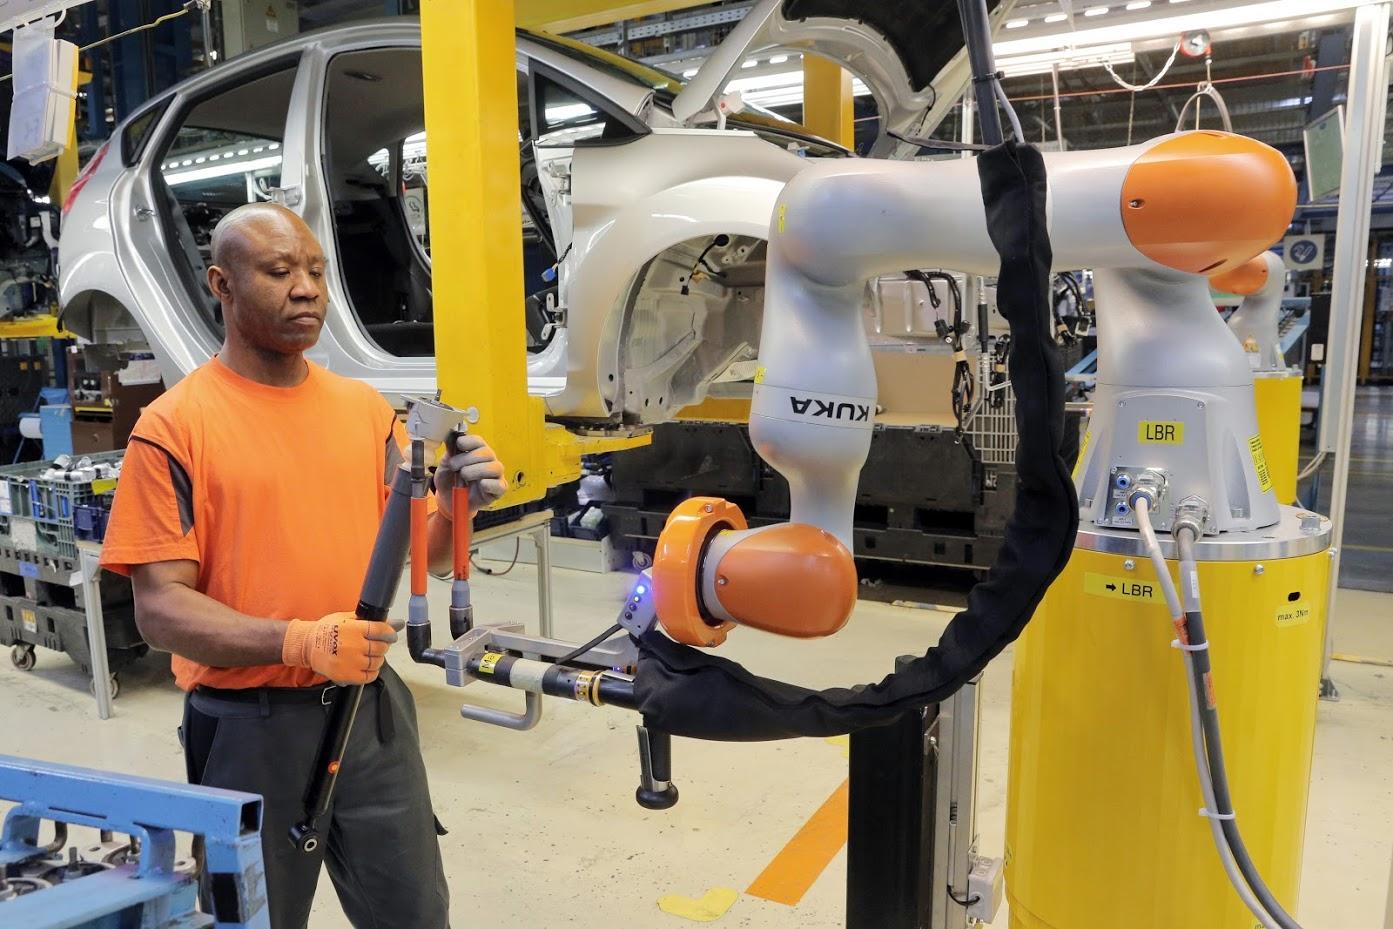 Nella fabbrica tedesca Ford, dove i robot aiutano l'uomo